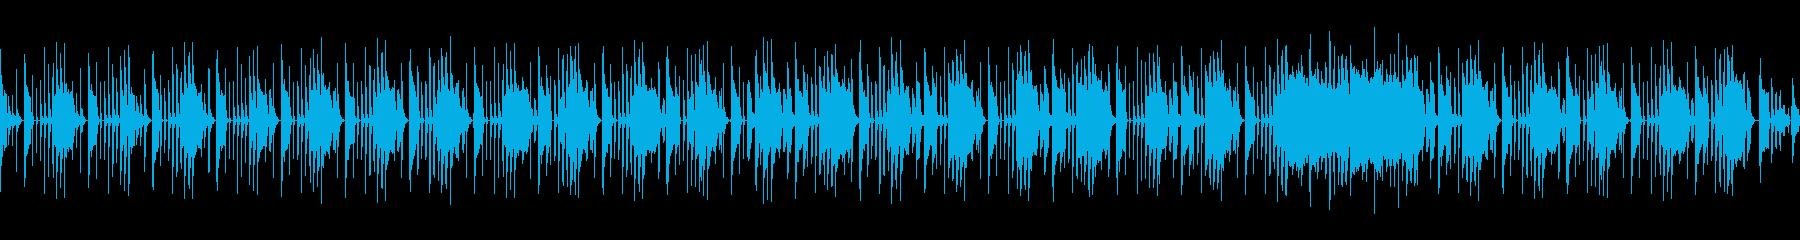 ループ仕様サックスよるファンキーなBGMの再生済みの波形